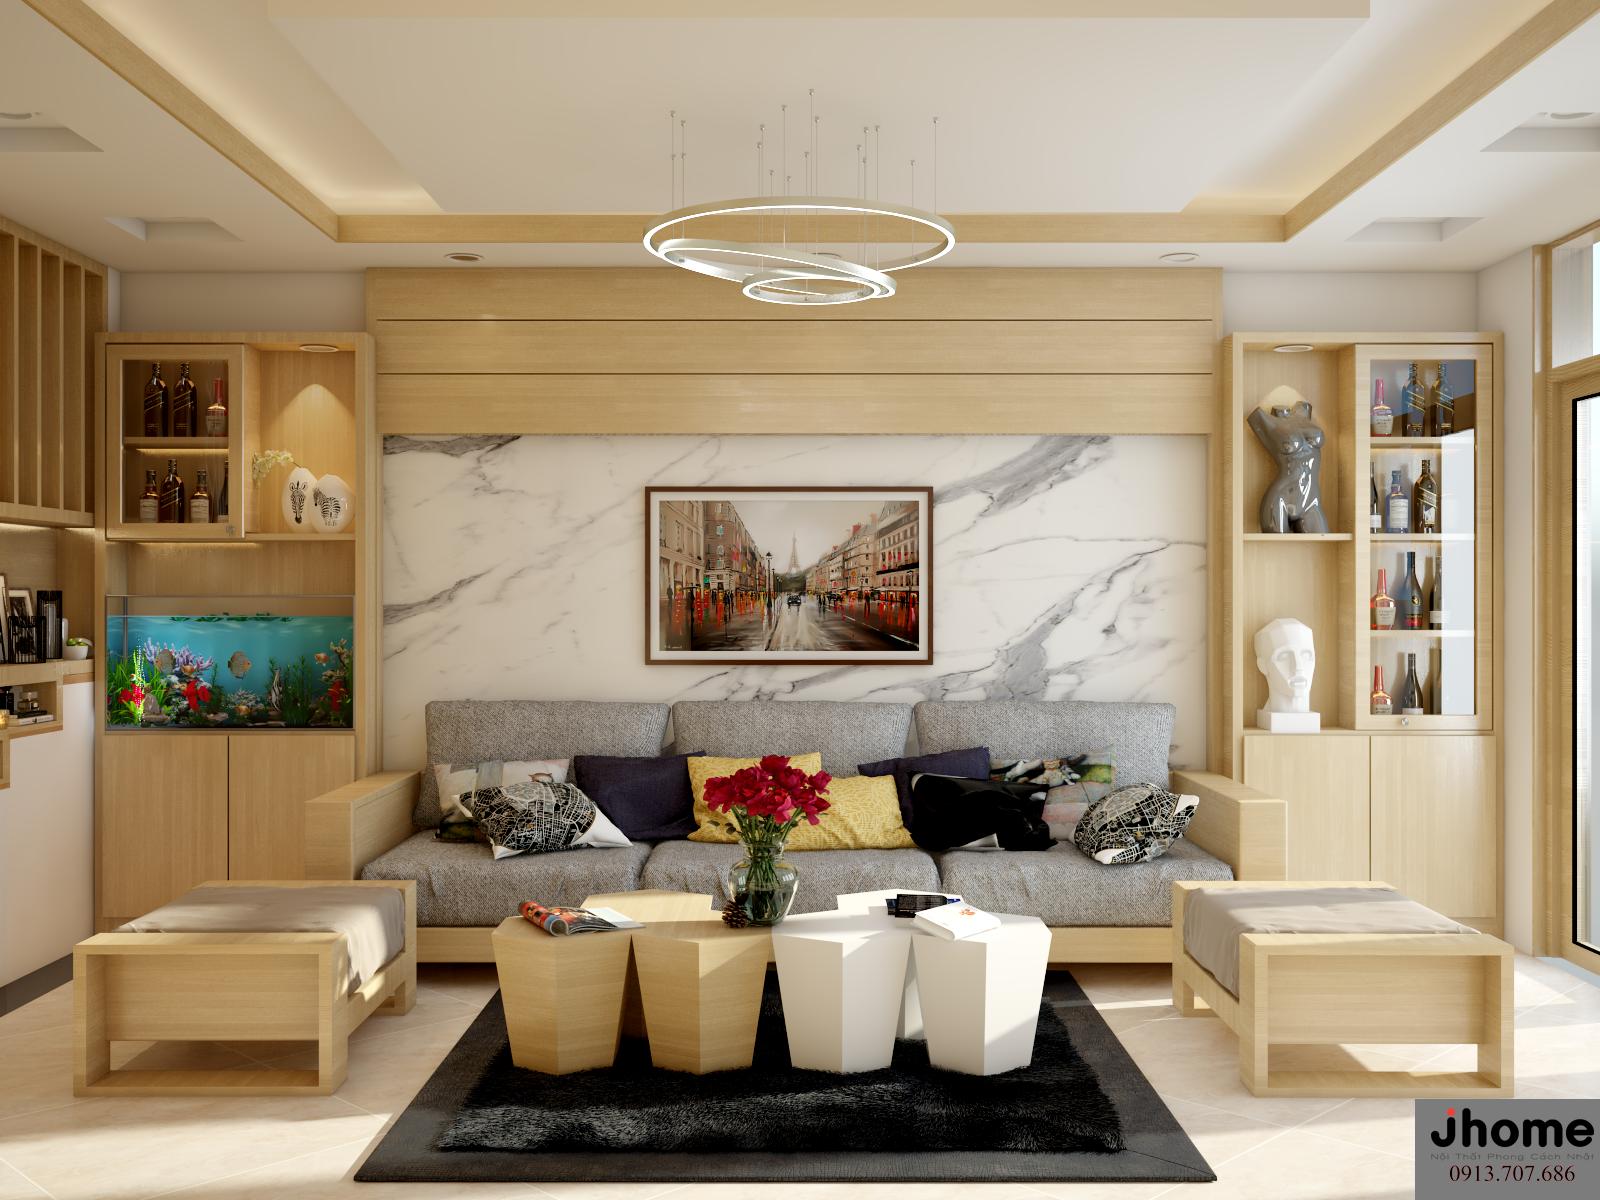 Thiết kế, thi công nội thất nhà phố tại Hà Nội - Nội thất Jhome